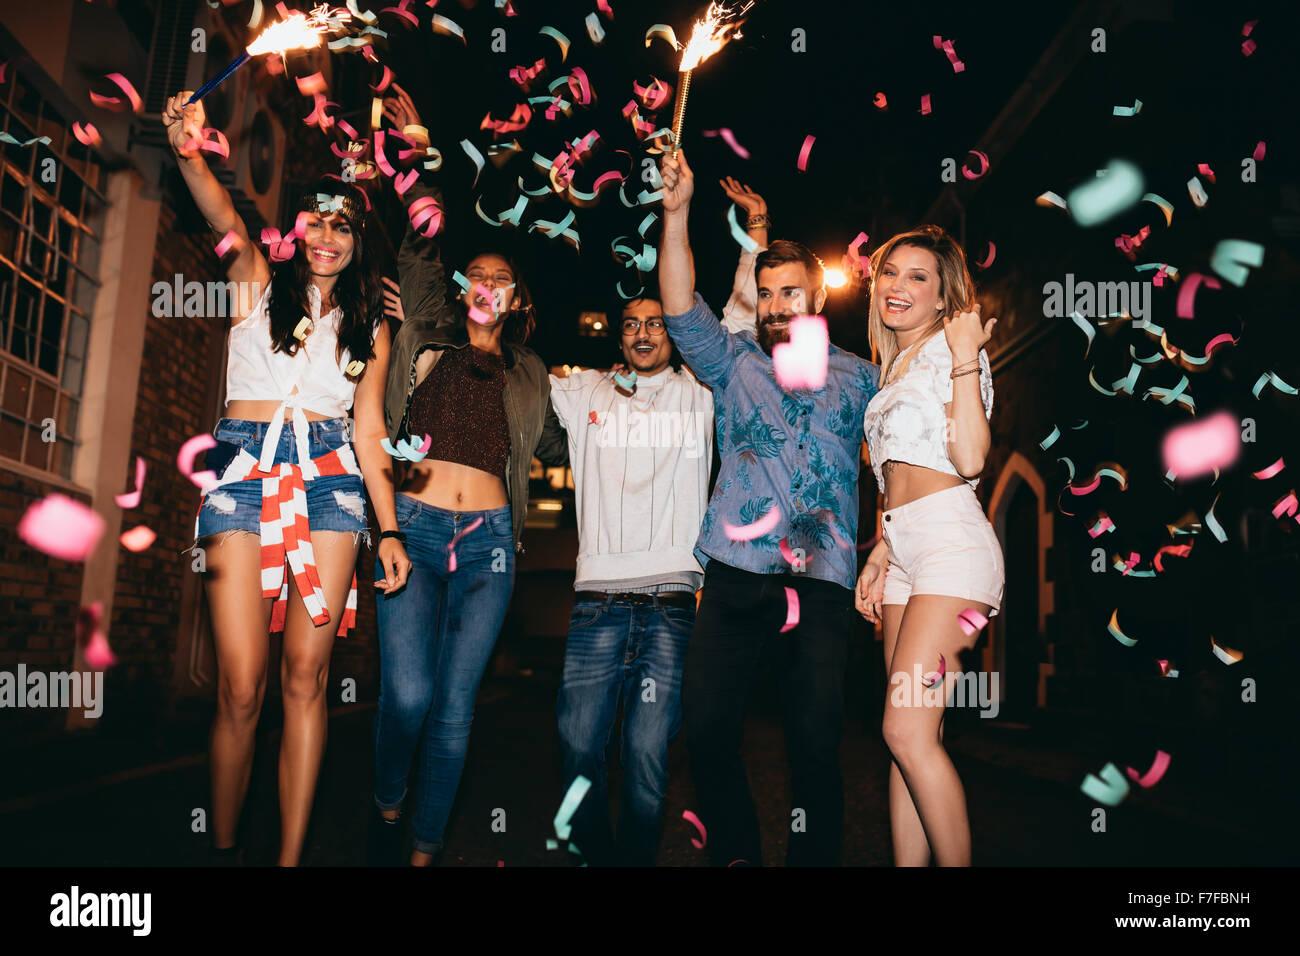 Gruppe von Jugendlichen mit einer Party im Freien. Gemischtrassig junge Männer und Frauen mit Konfetti zu feiern. Stockbild